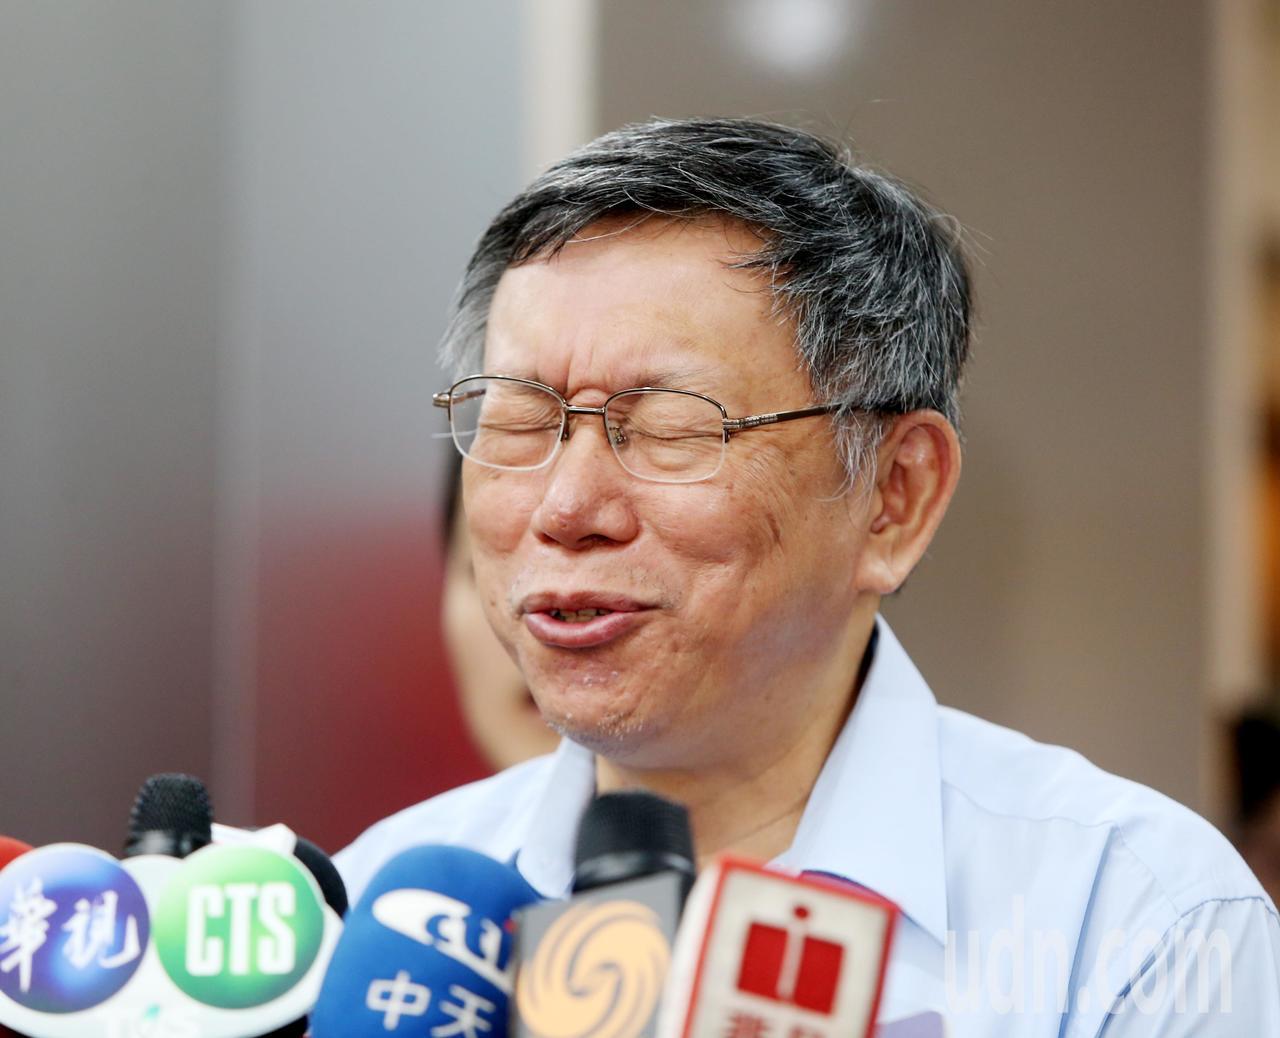 台北市長柯文哲上午接受媒體聯訪,有人問到吳敦義列入國民黨立委不分區名單的敏感政治...